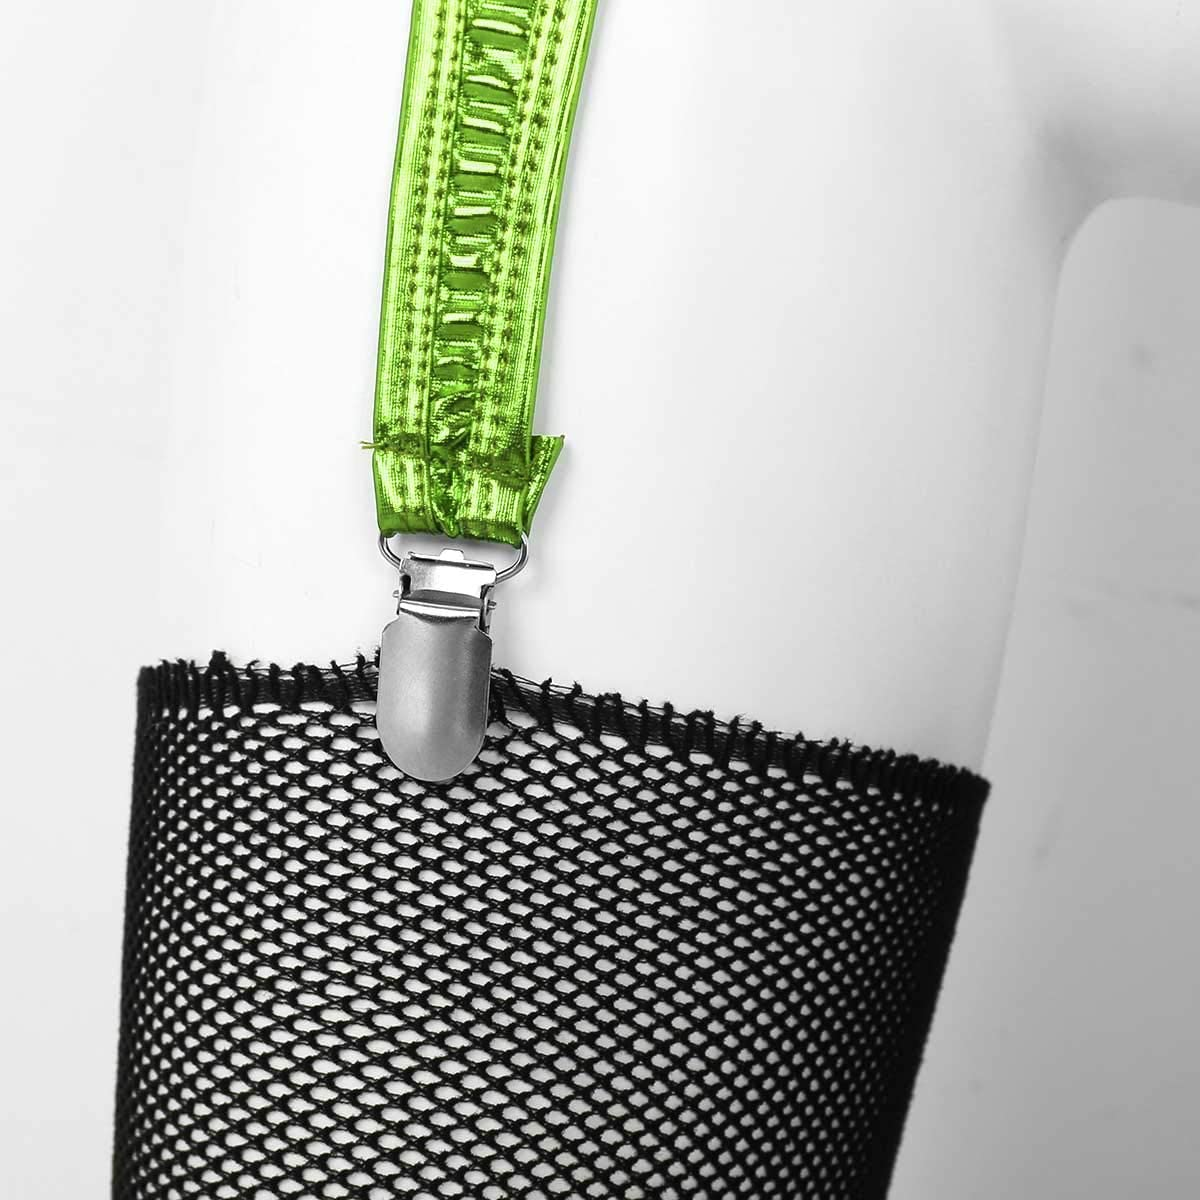 YiZYiF Damen Metallischer Strumpfg/ürtel Strapsg/ürtel Wetlook Dessous Strumpfhalter mit 4 Metall Clips Strapsband Reizw/äsche